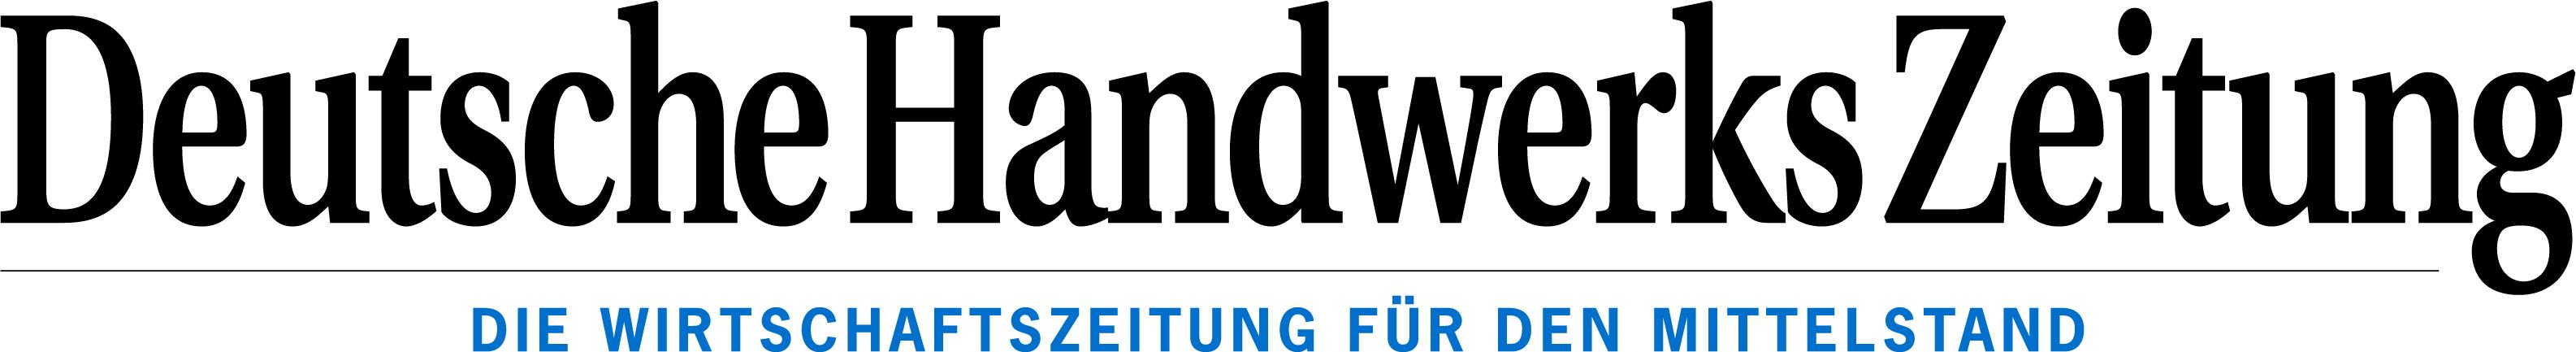 Deutsche Handwerks Zeitung Logo